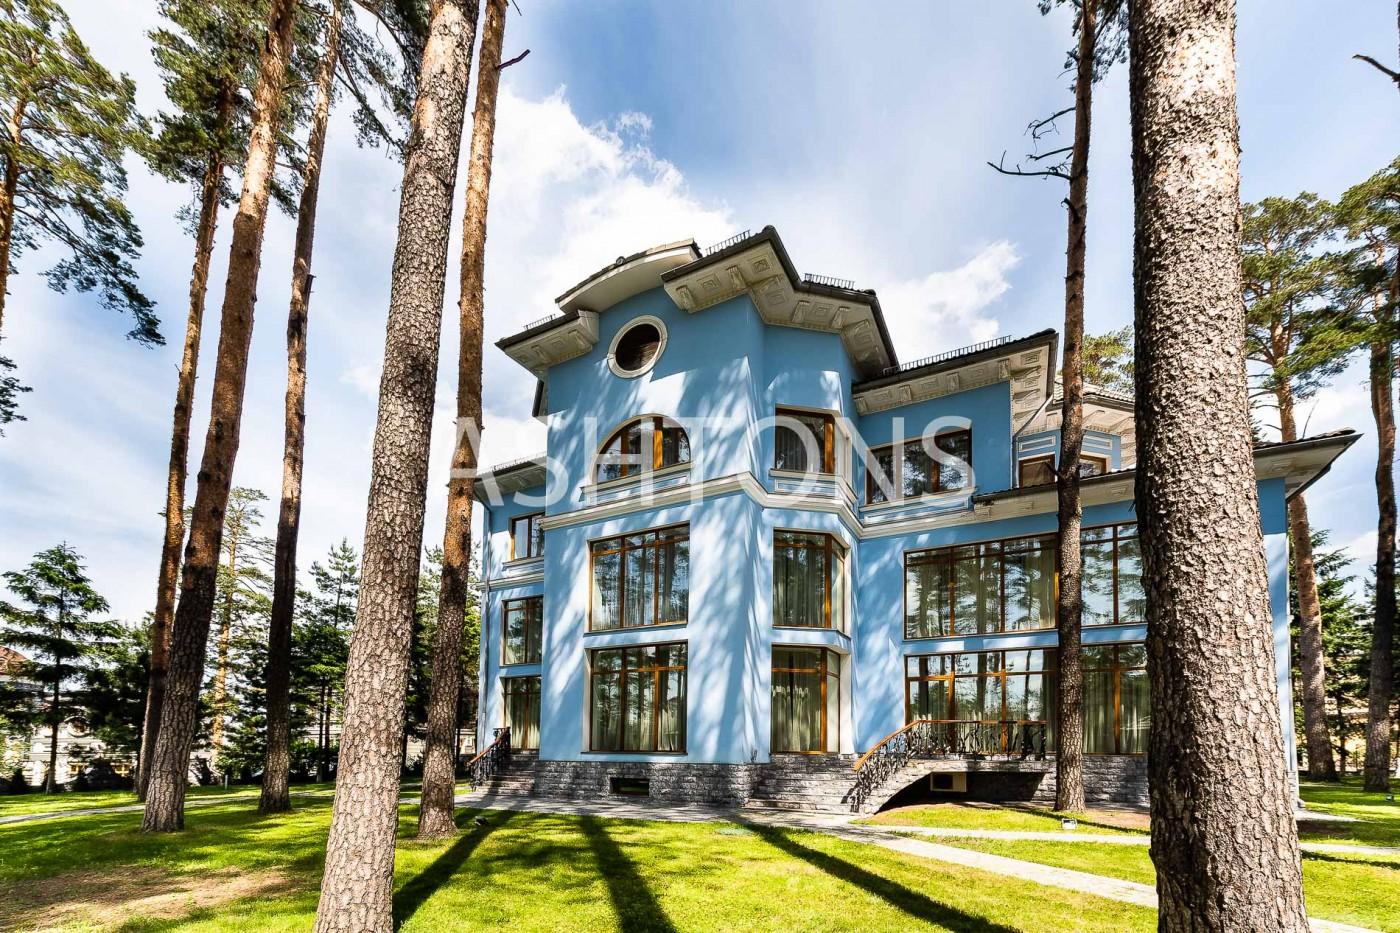 Элитный загородный дом в коттеджном поселке Екатериновка по Рублевскому шоссе от Ashtons International Realty